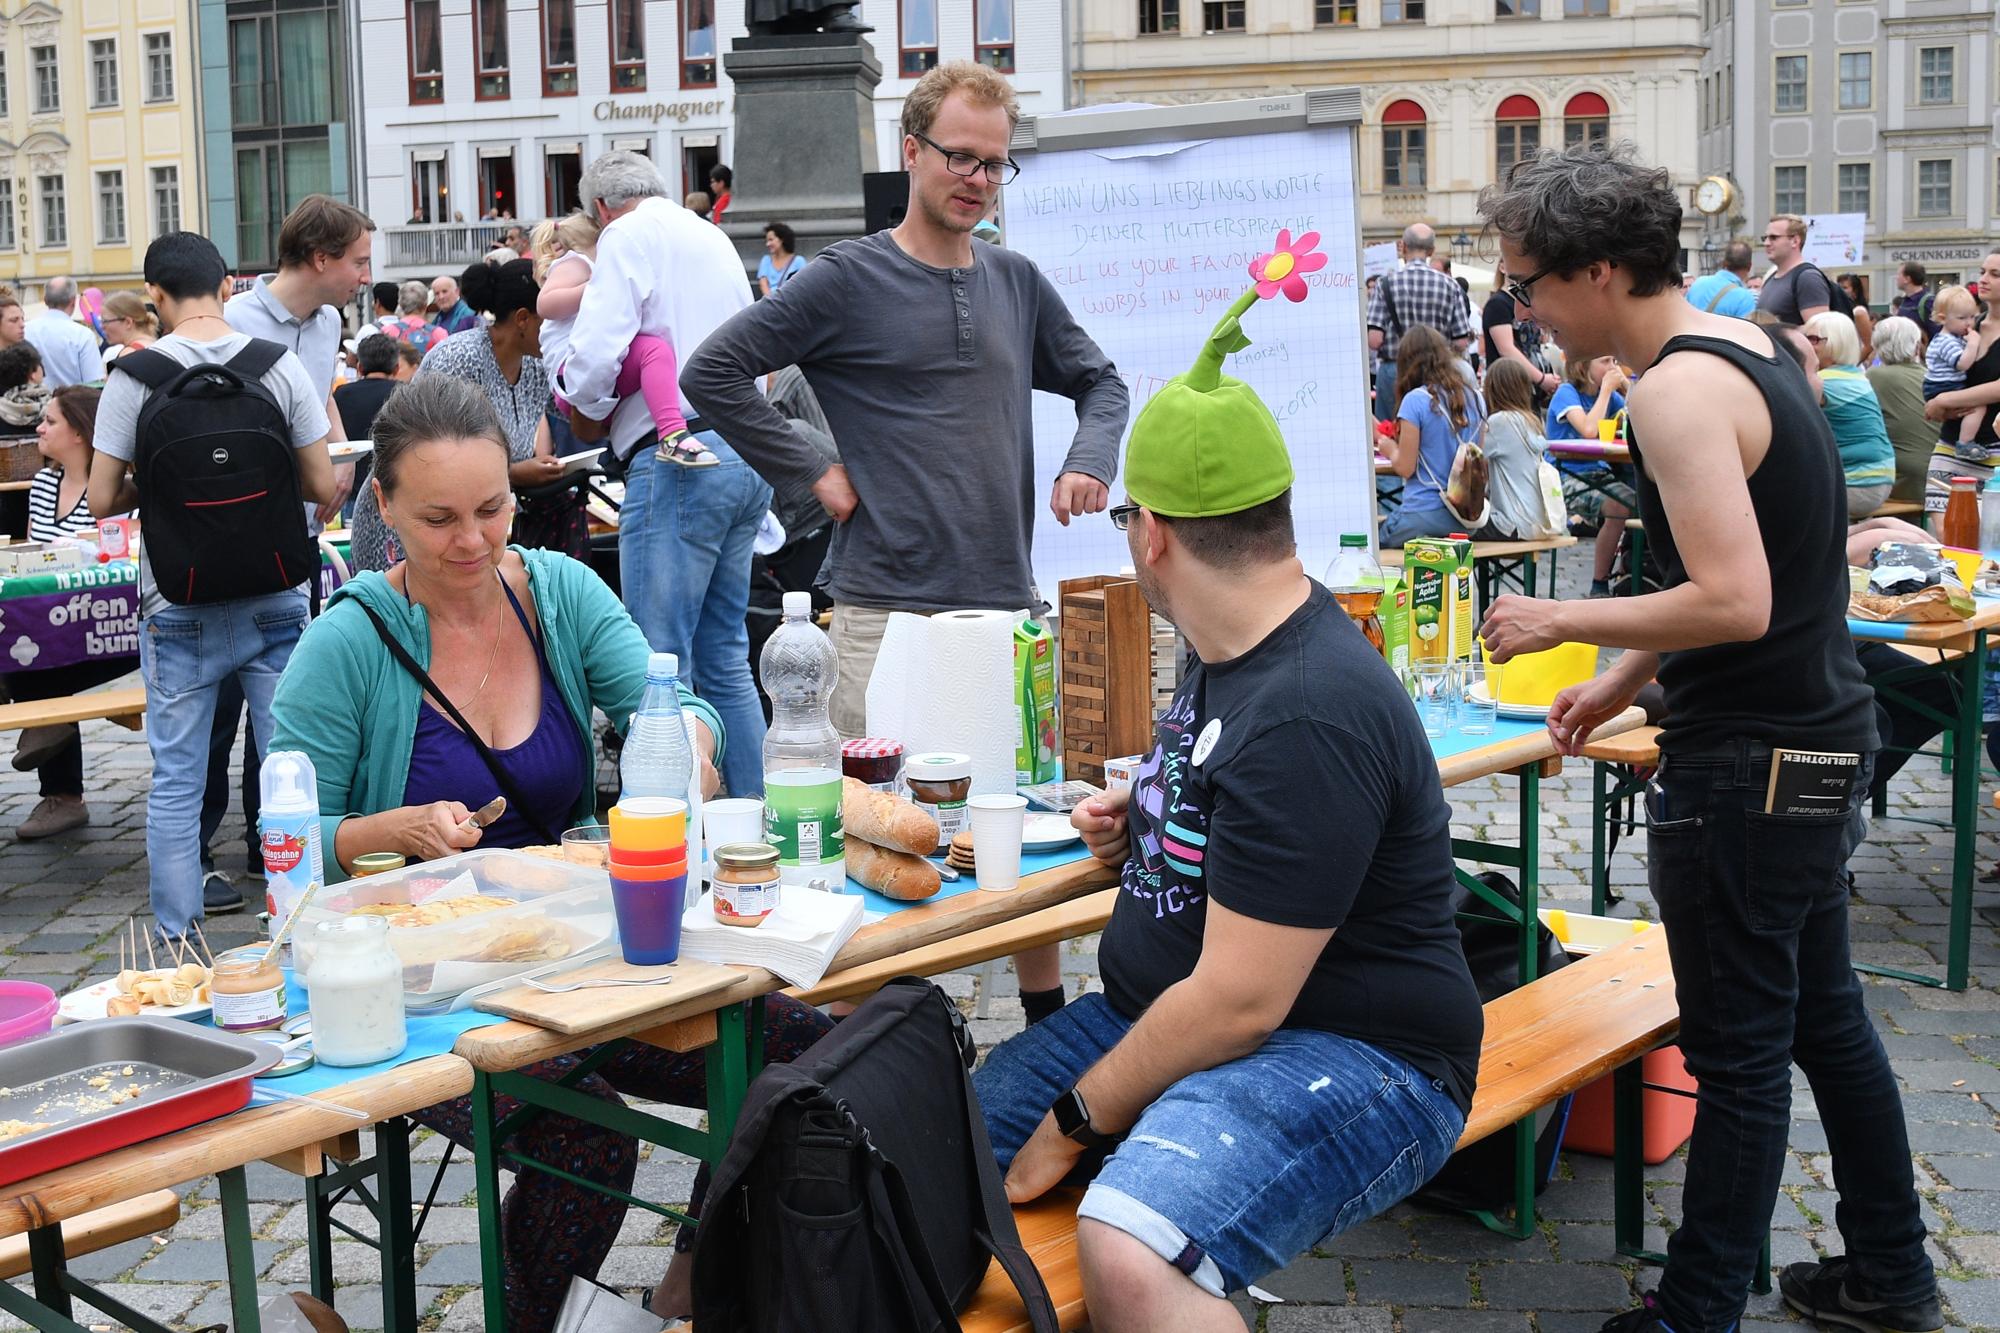 Dresden.Respekt: Gastmahl 2018